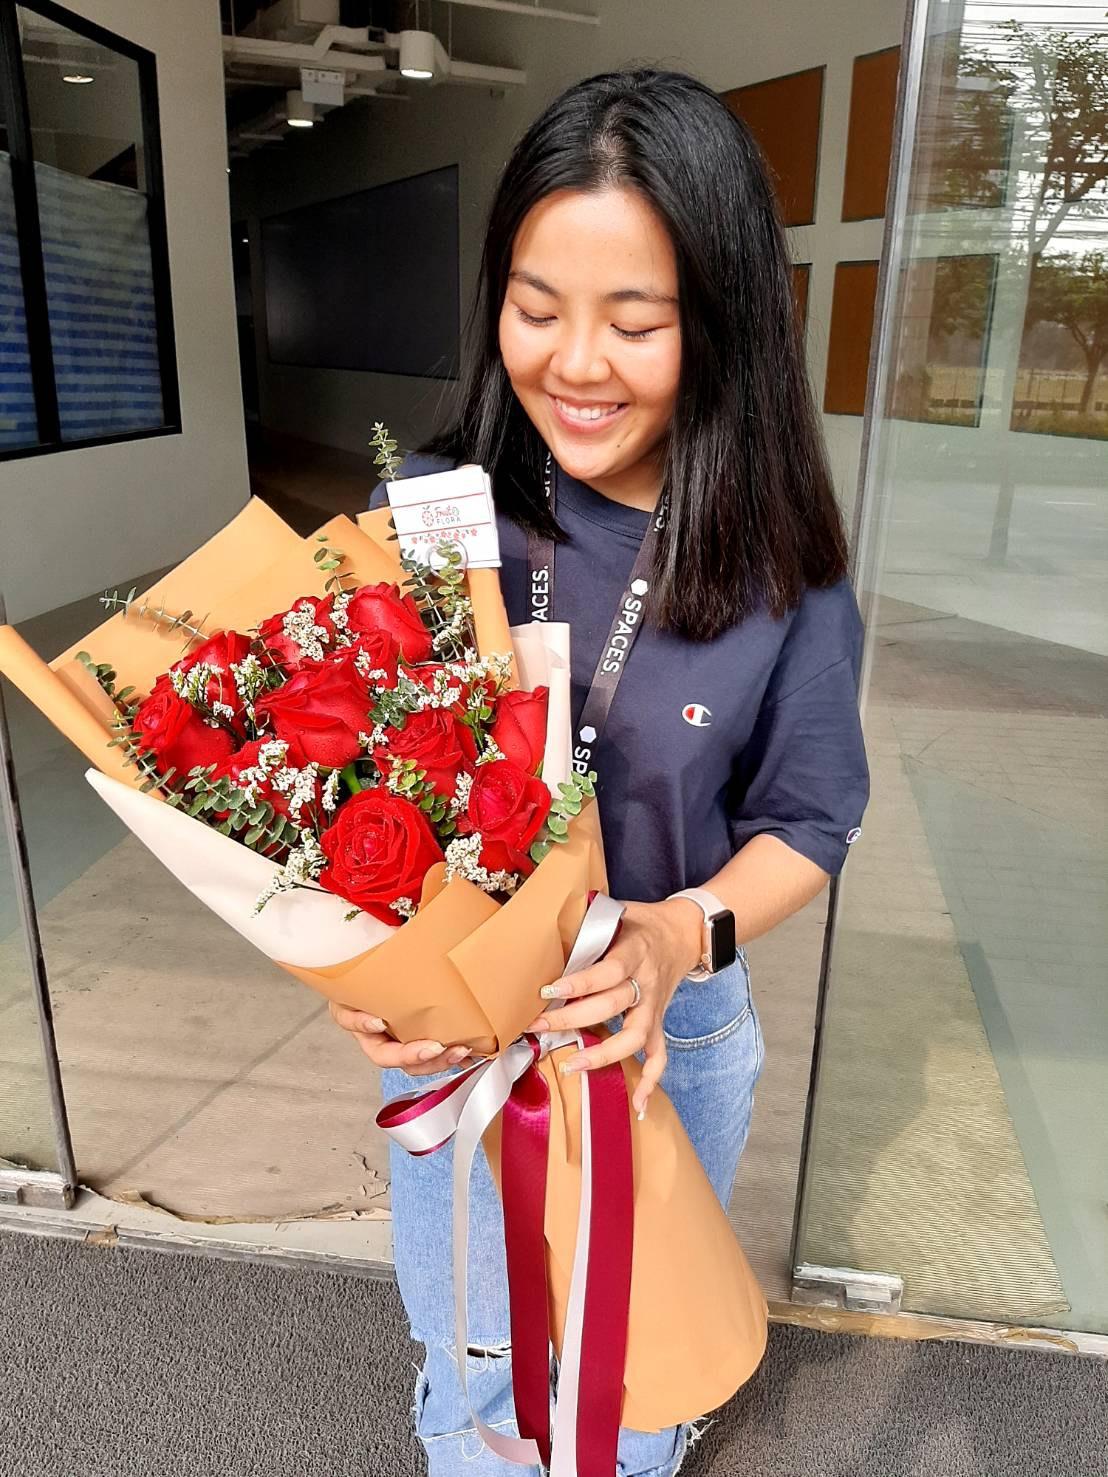 ดอกกุหลาบแดงแรงฤทธิ์ นำมาจัดเป็นช่อสุดอลังการ สร้างความประทับใจไม่รู้ลืม